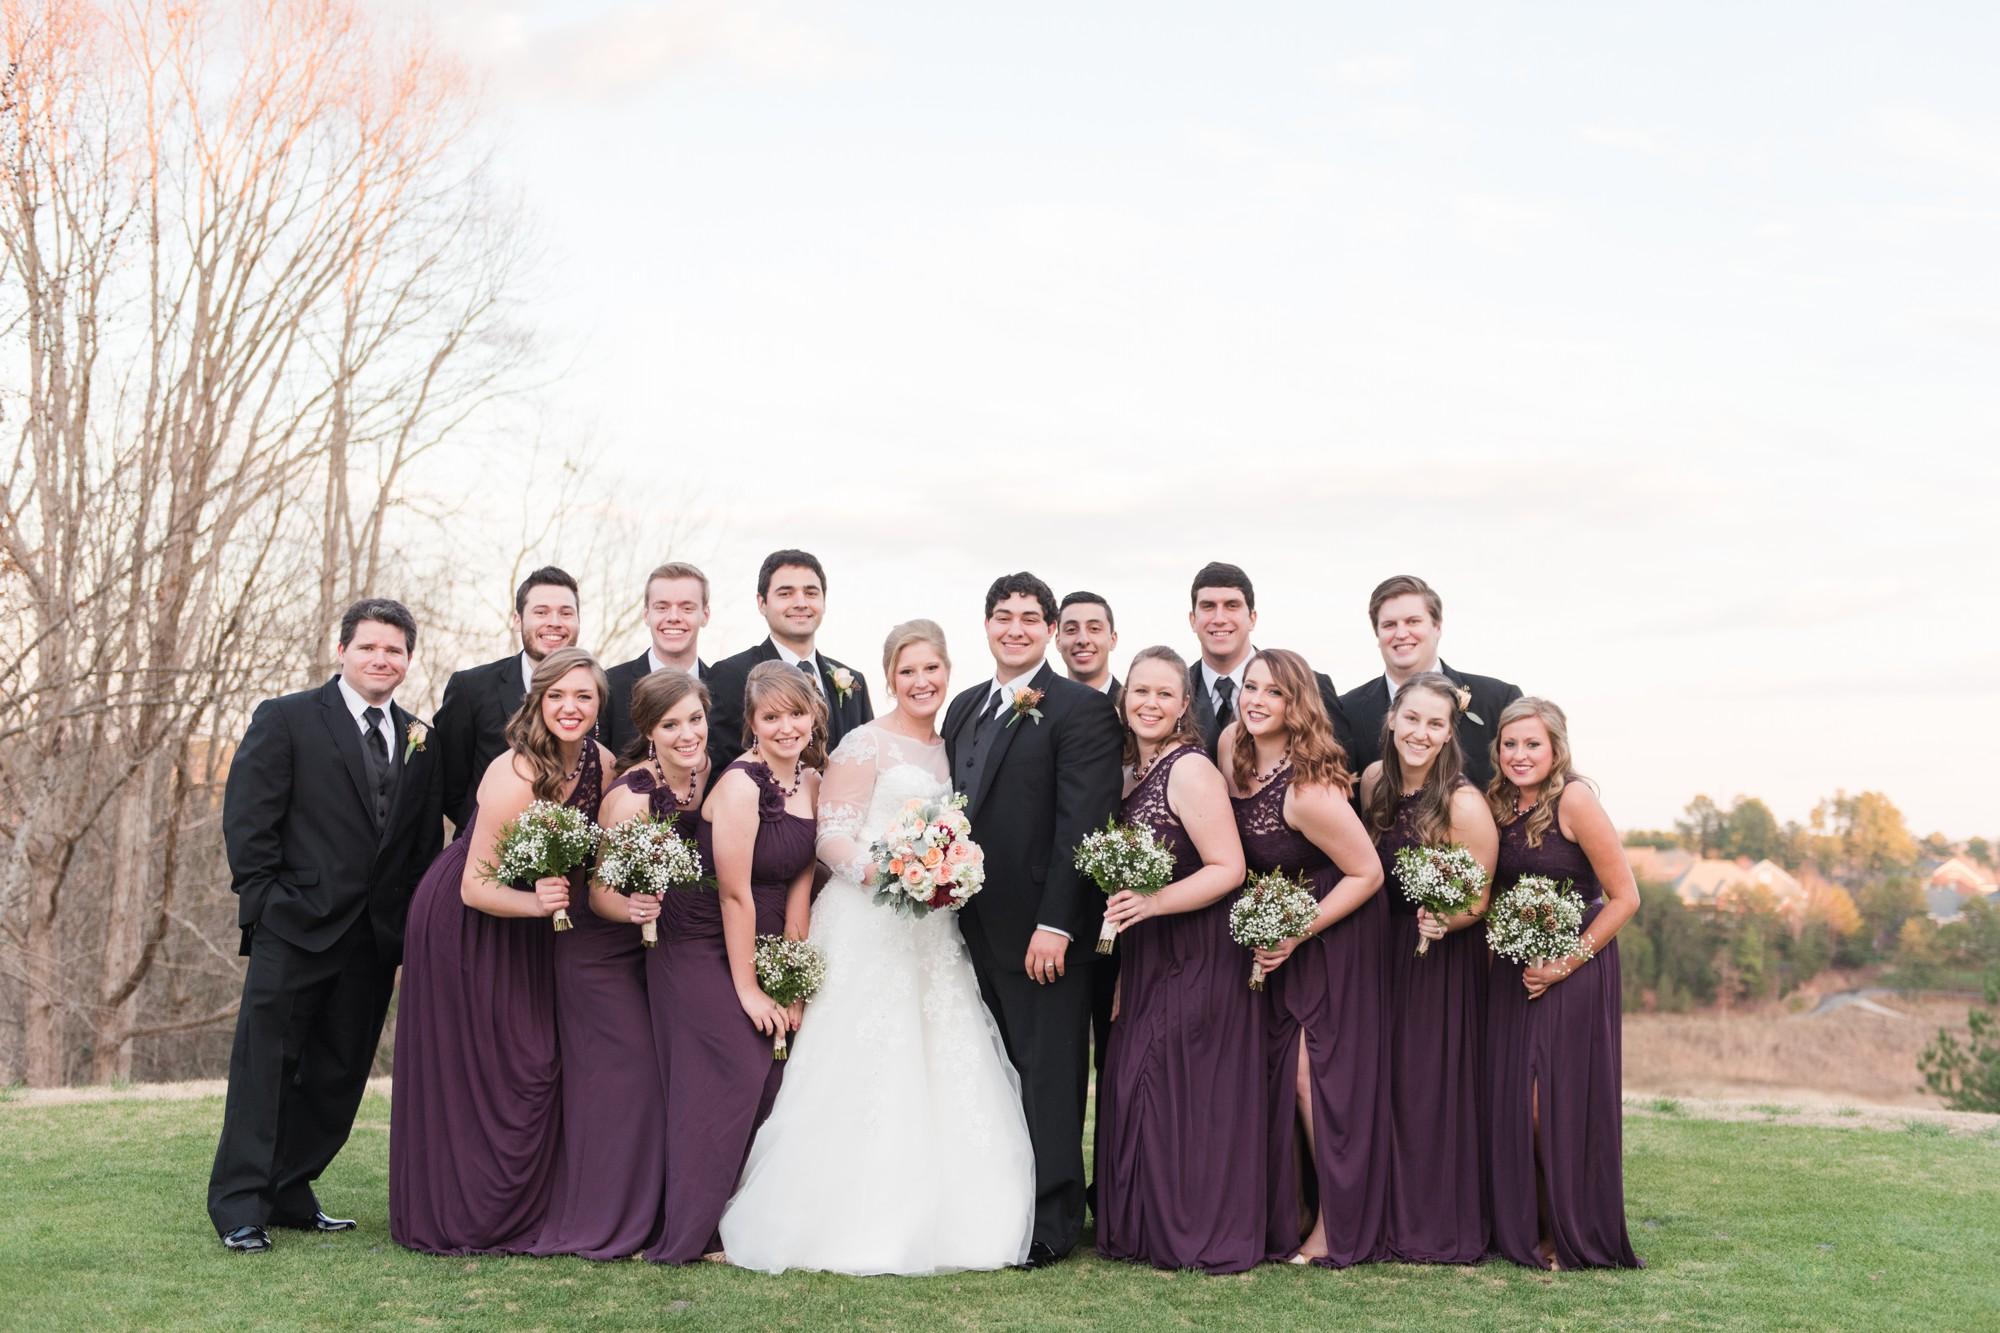 tega cay golf club wedding